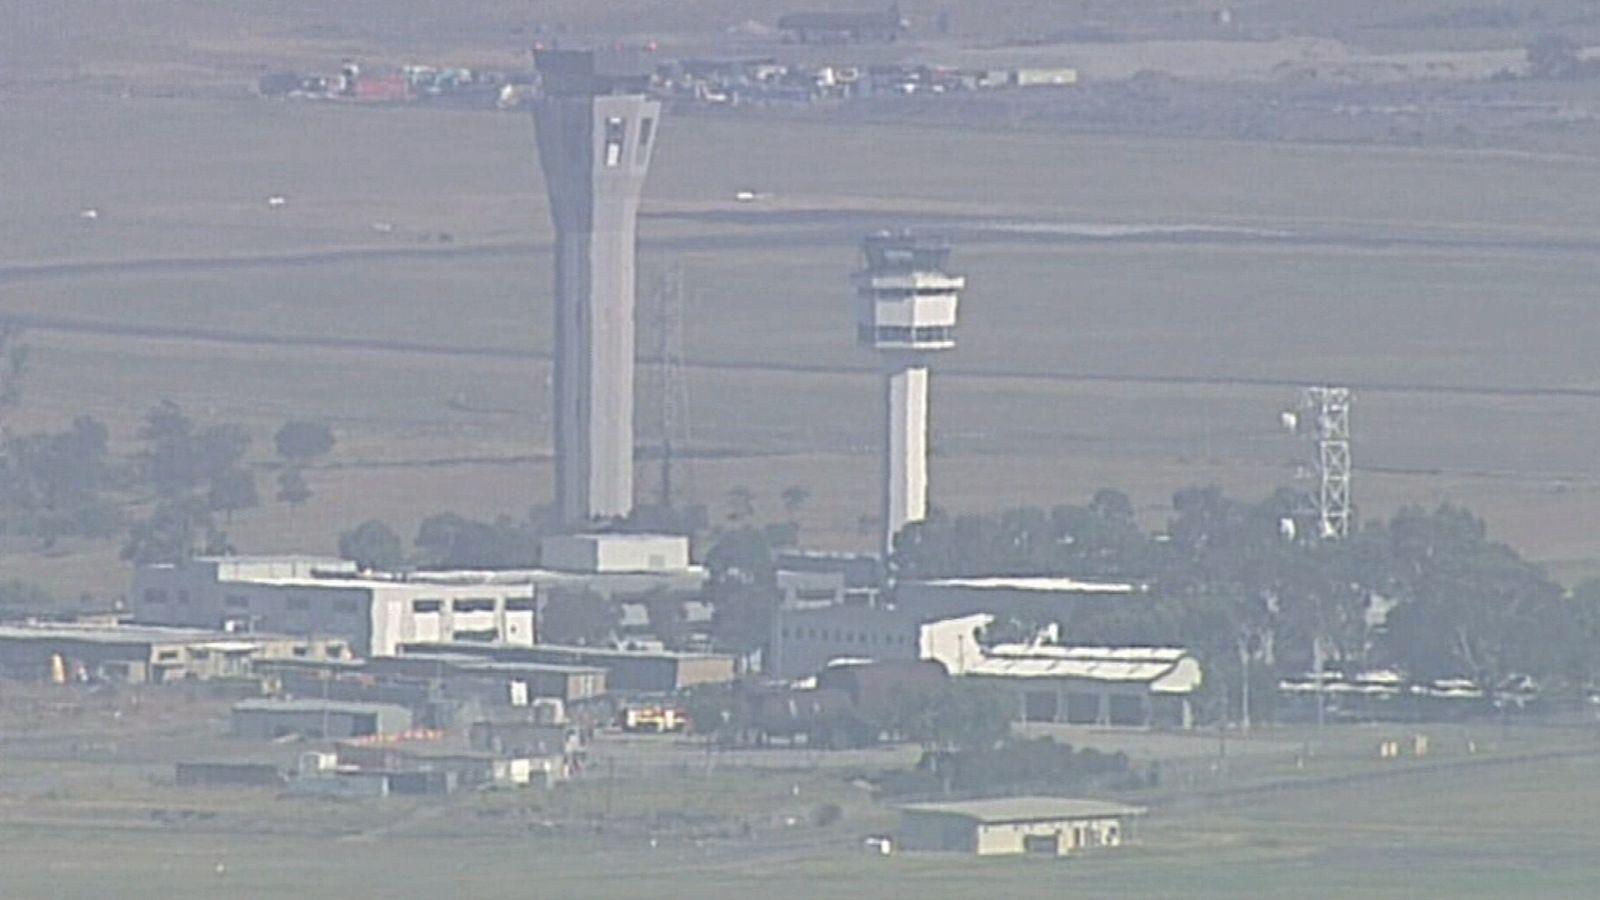 墨尔本机场塔台火警铃大作 数趟航班延误、备降